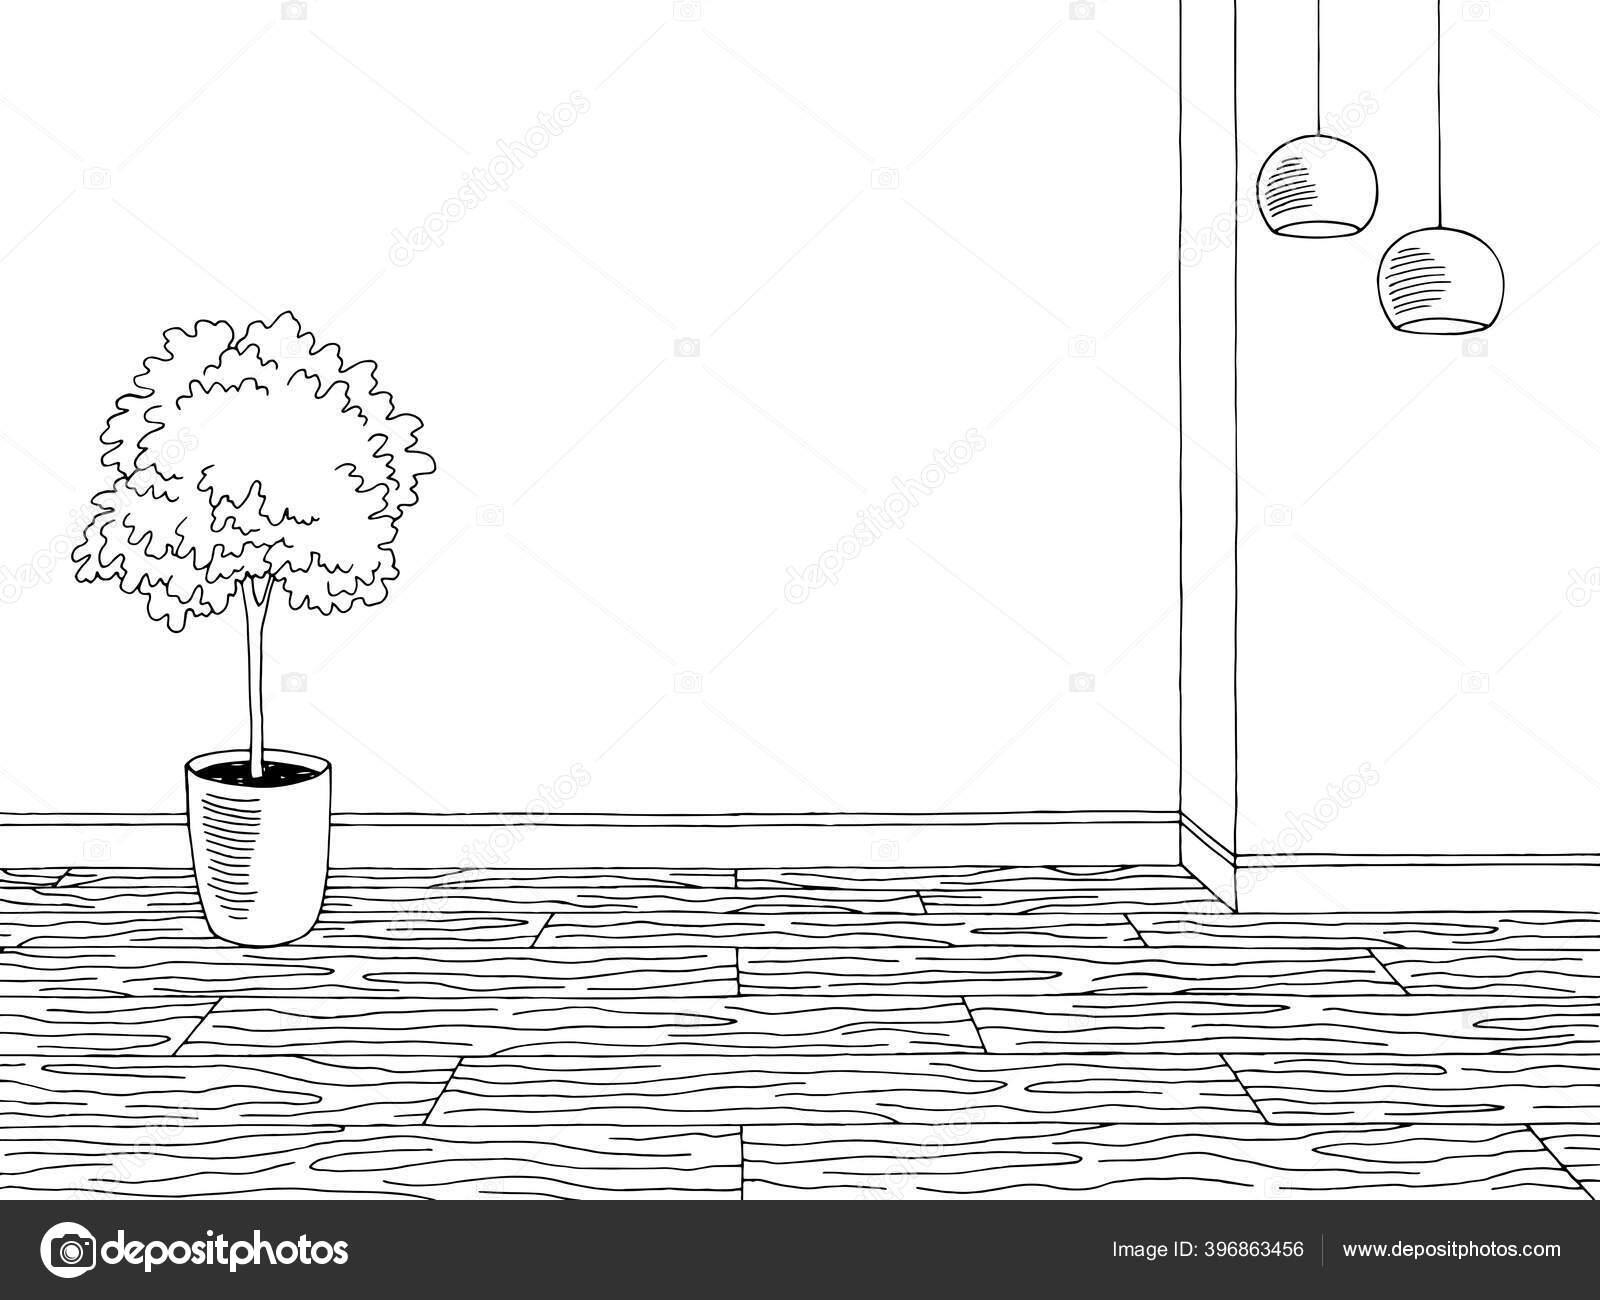 Ruang Grafis Hitam Putih Rumah Sketsa Interior Vektor Gambar Stok Vektor C Aluna11 396863456